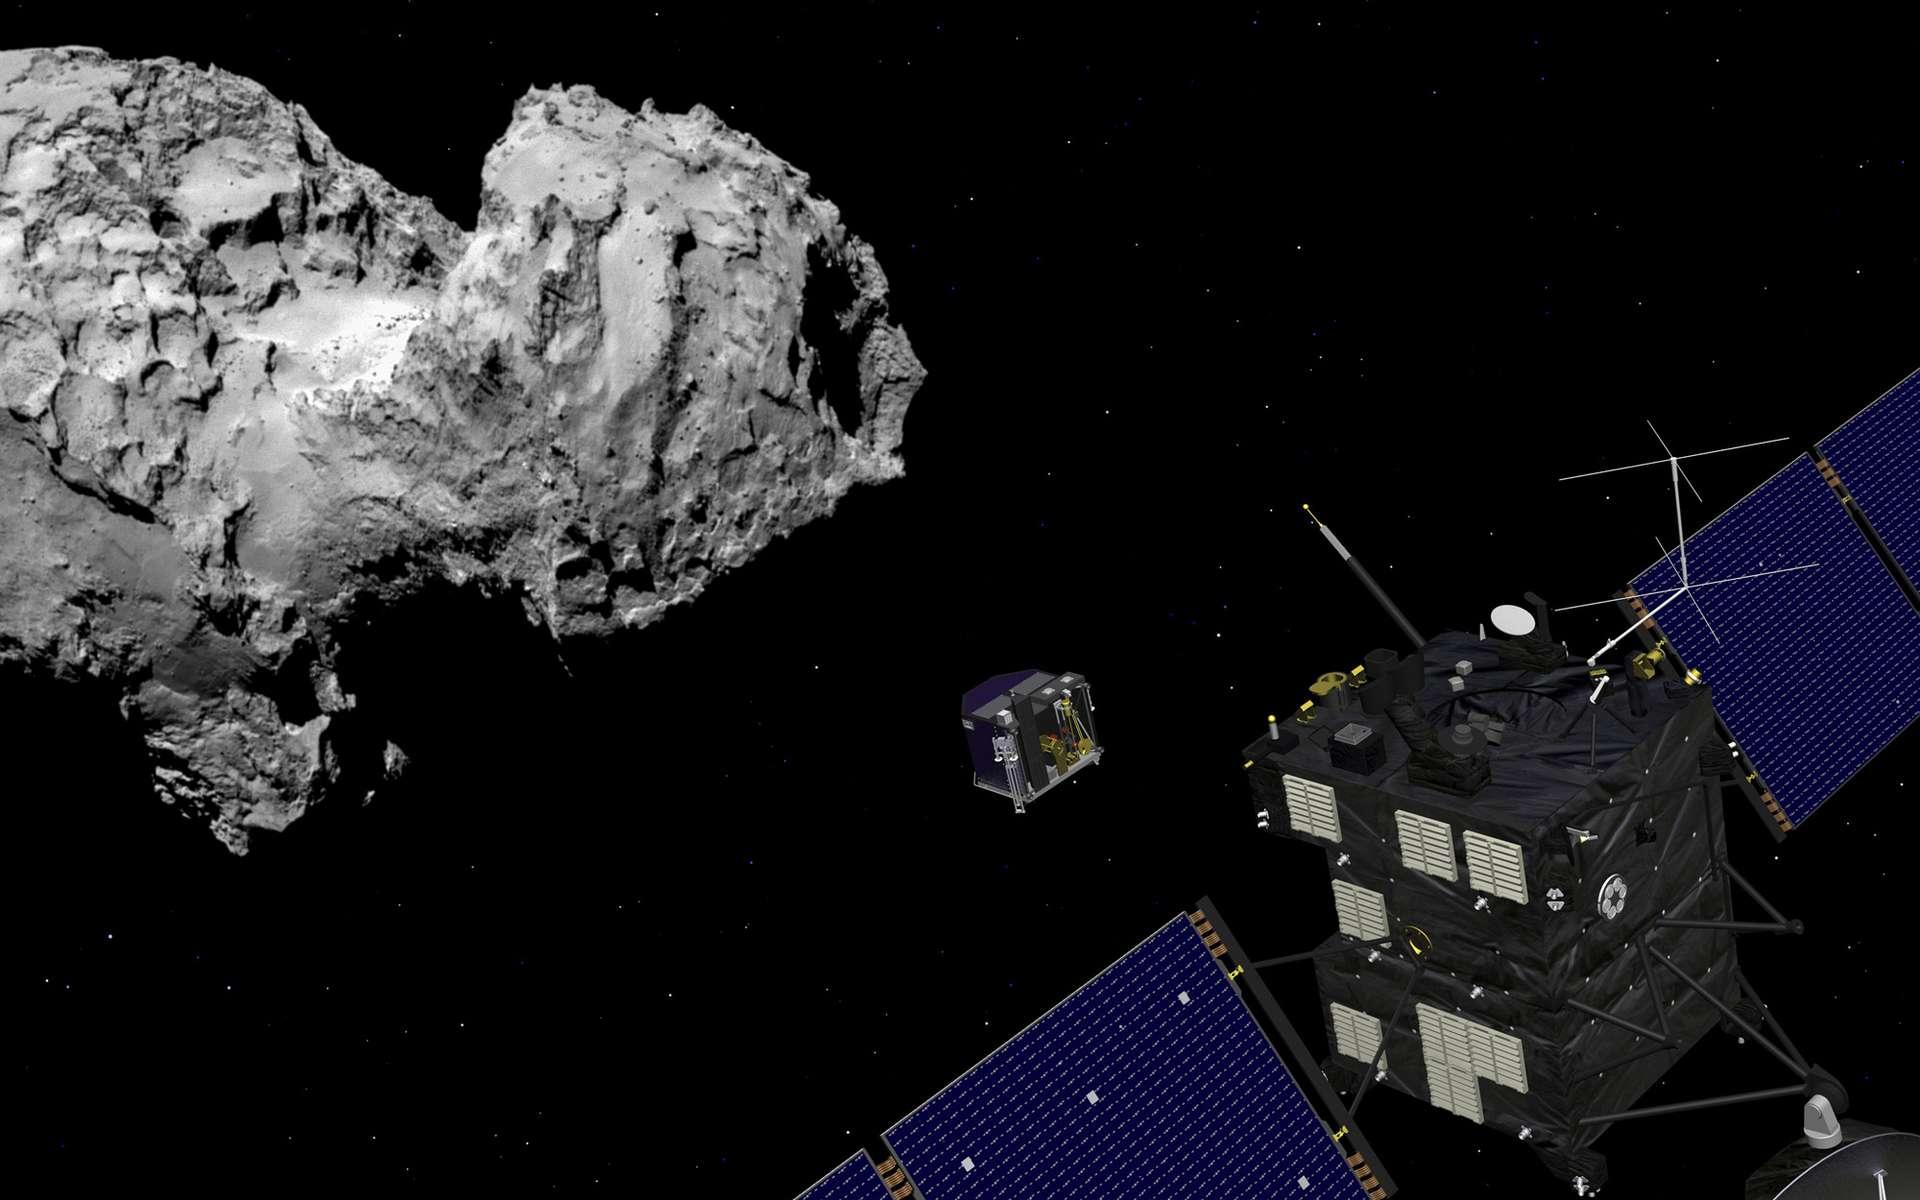 Le dernier pari audacieux de la mission Rosetta est prévu le 30 septembre 2016. Alors que la sonde n'a pas été conçue pour cela, elle tentera de se poser sur la comète Churyumov-Gerasimenko au terme d'une mission qui aura duré plus de 12 ans. © Esa, J. Huart, 2014 ; image comète : Esa, Rosetta, MPS for Osiris Team MPS